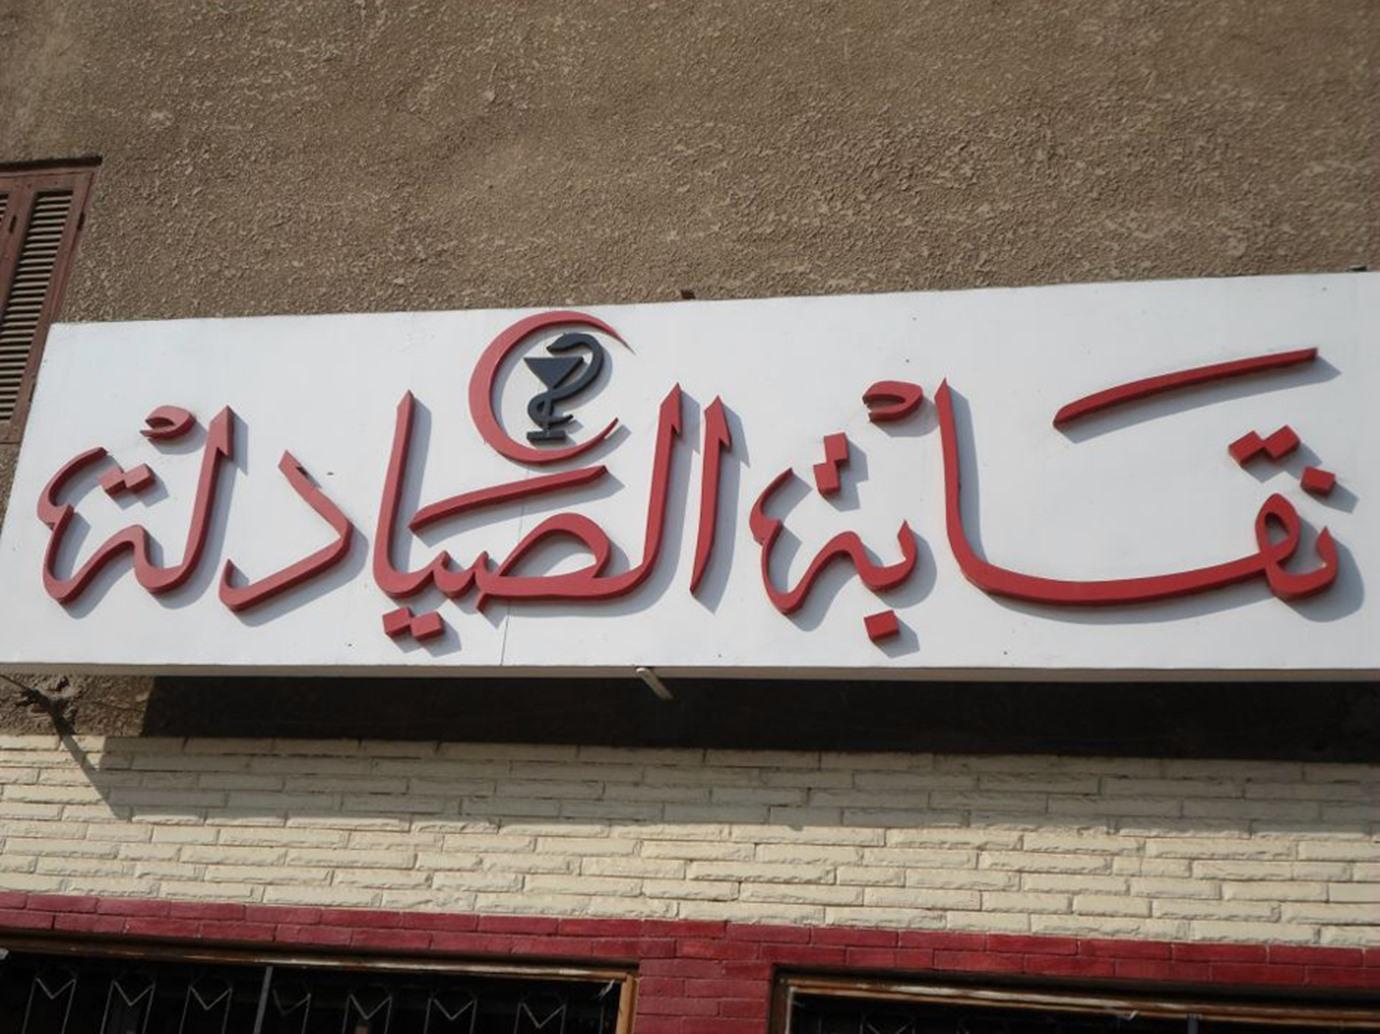 صورة نقابة الصيادلة: فتح باب الترشيح للانتخابات يوم 15 ديسمبر ولمدة 10 أيام